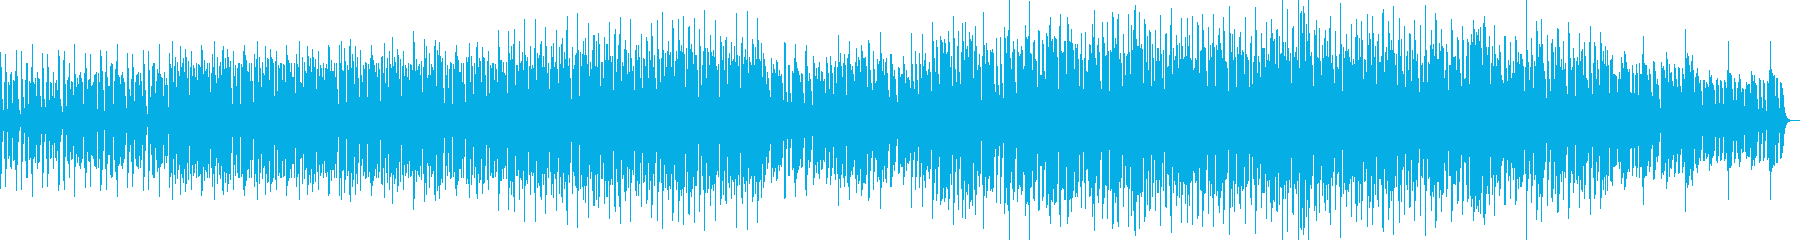 リラックスしたギターミニマルテクノの再生済みの波形